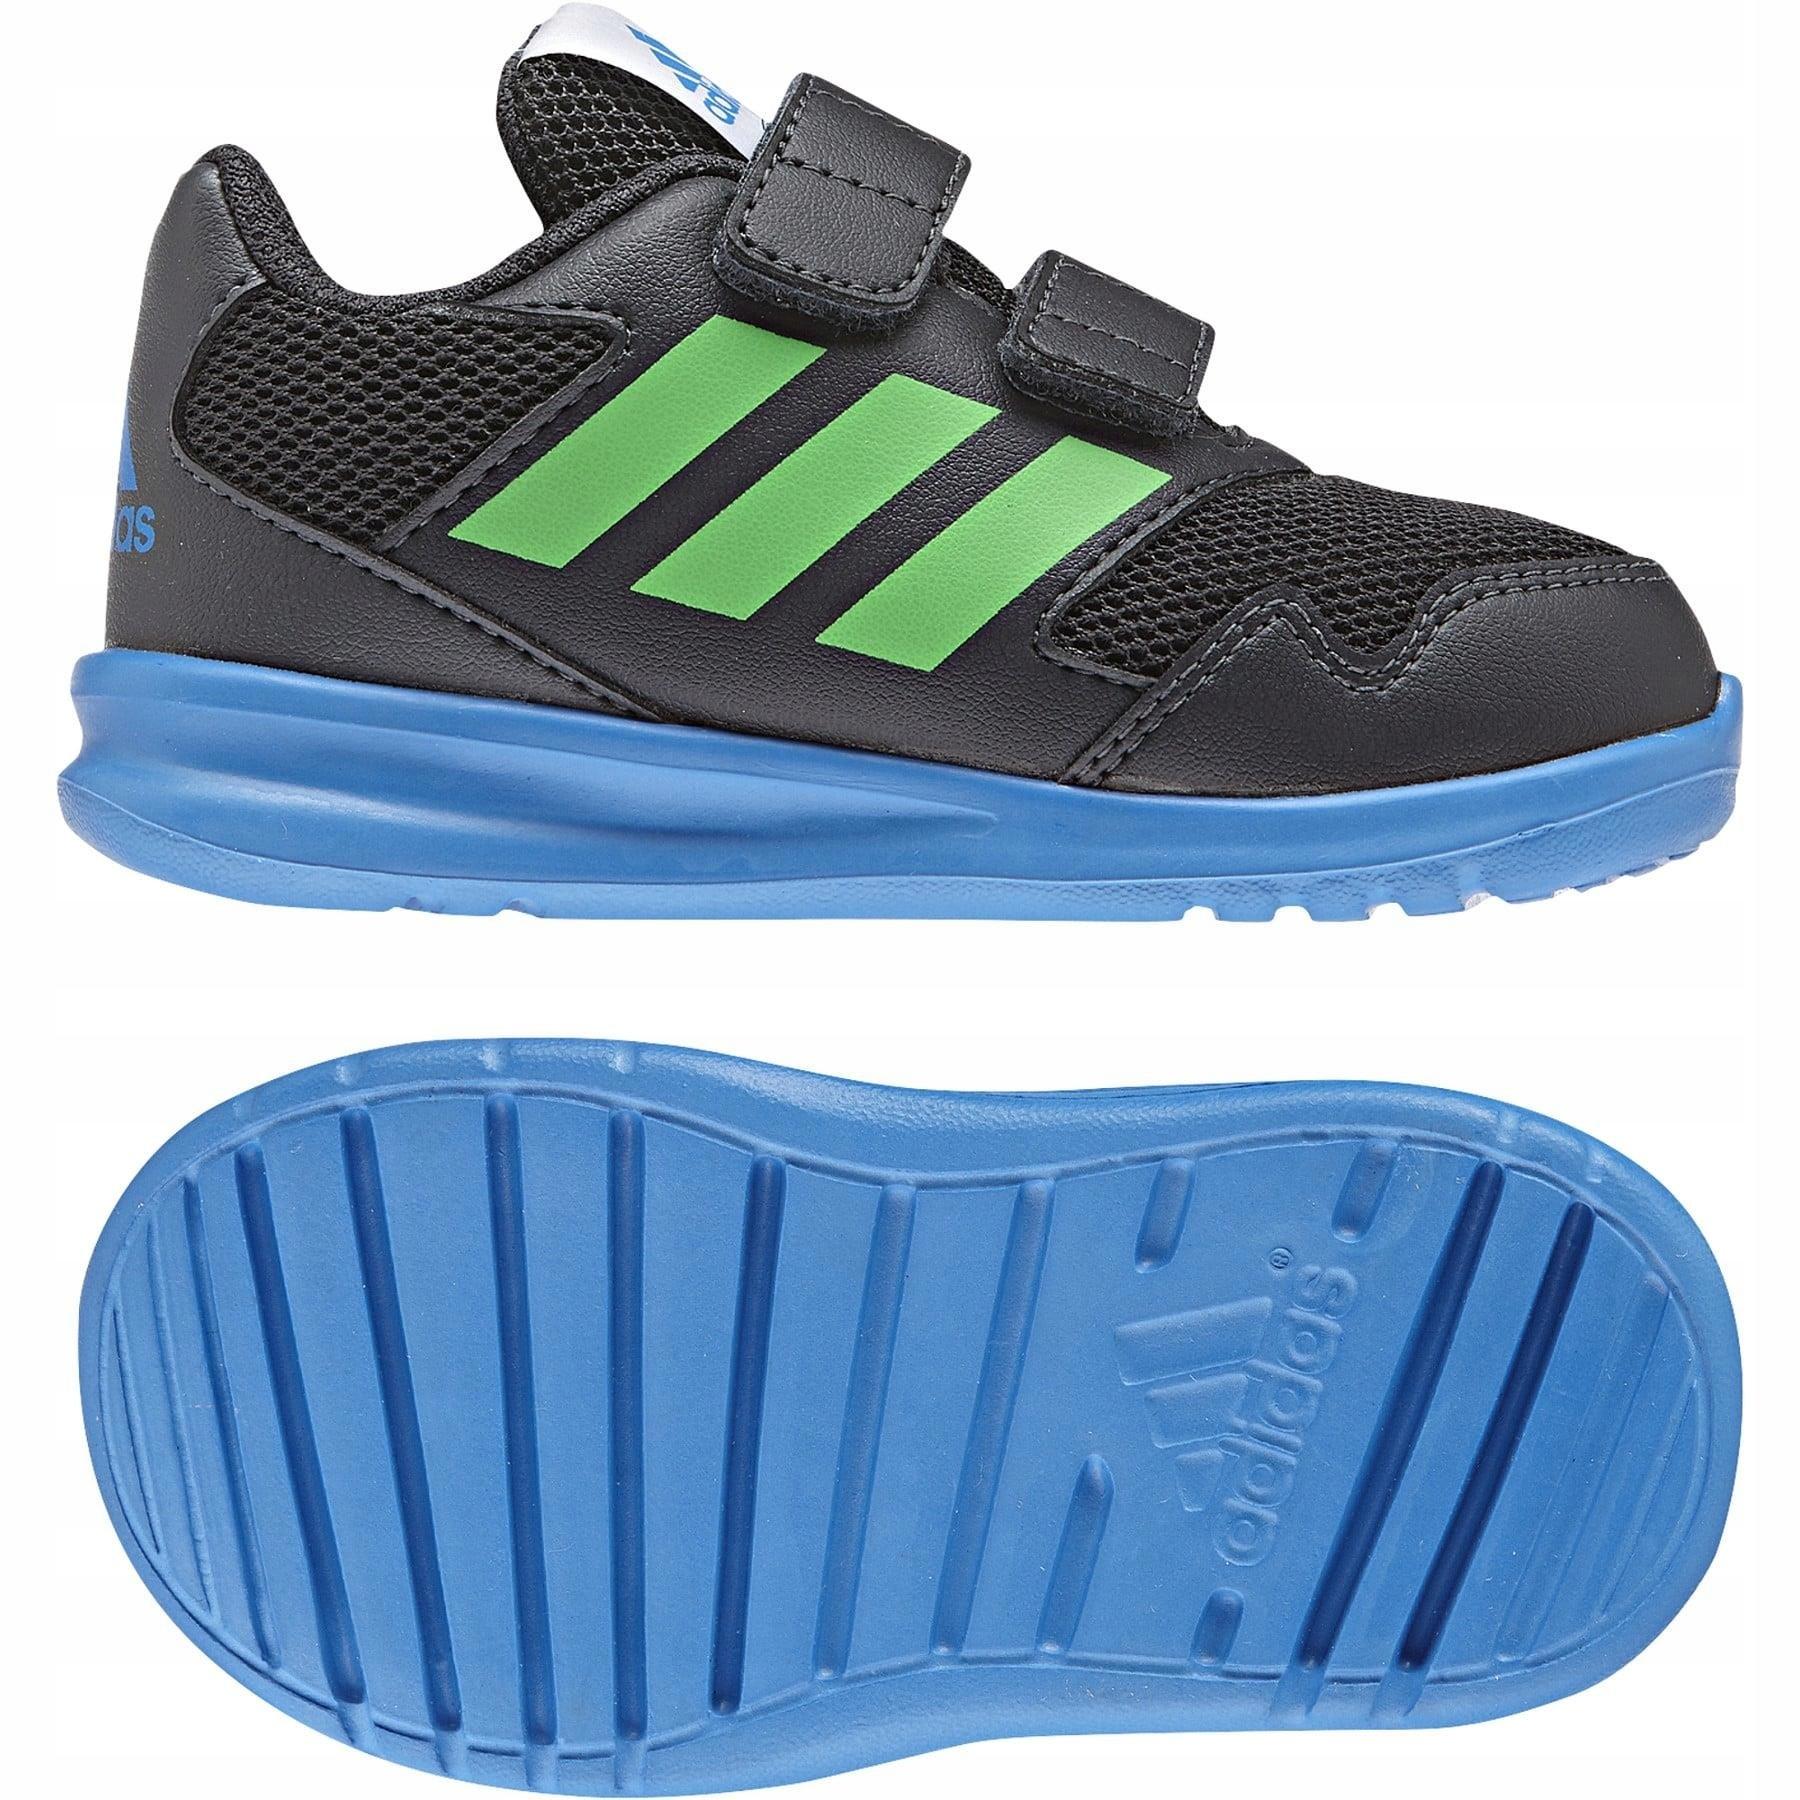 adidas Performance Buty dziecięce AltaRun Buty sportowe chłopięce niebieskie w